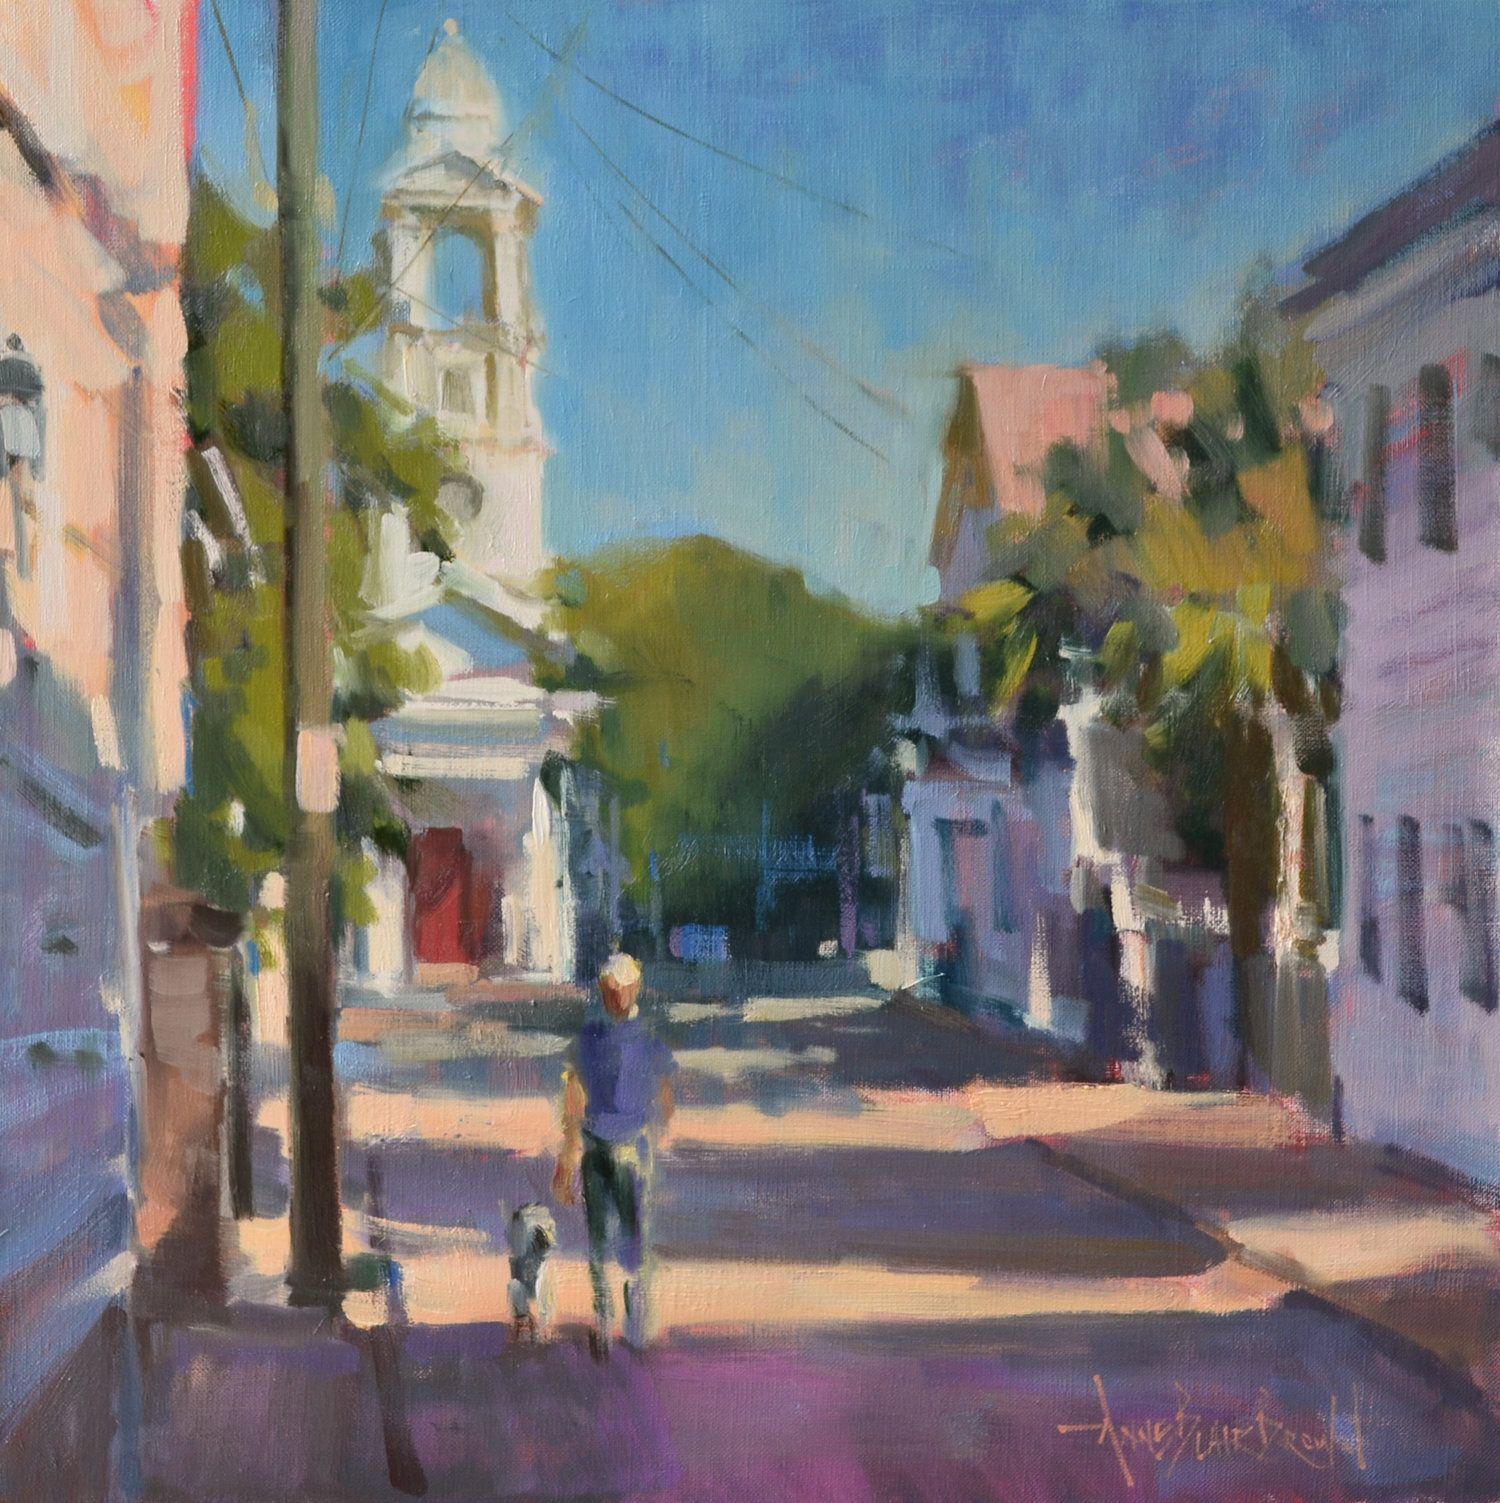 Paintings — Anne Blair Brown Painting, Brown painting